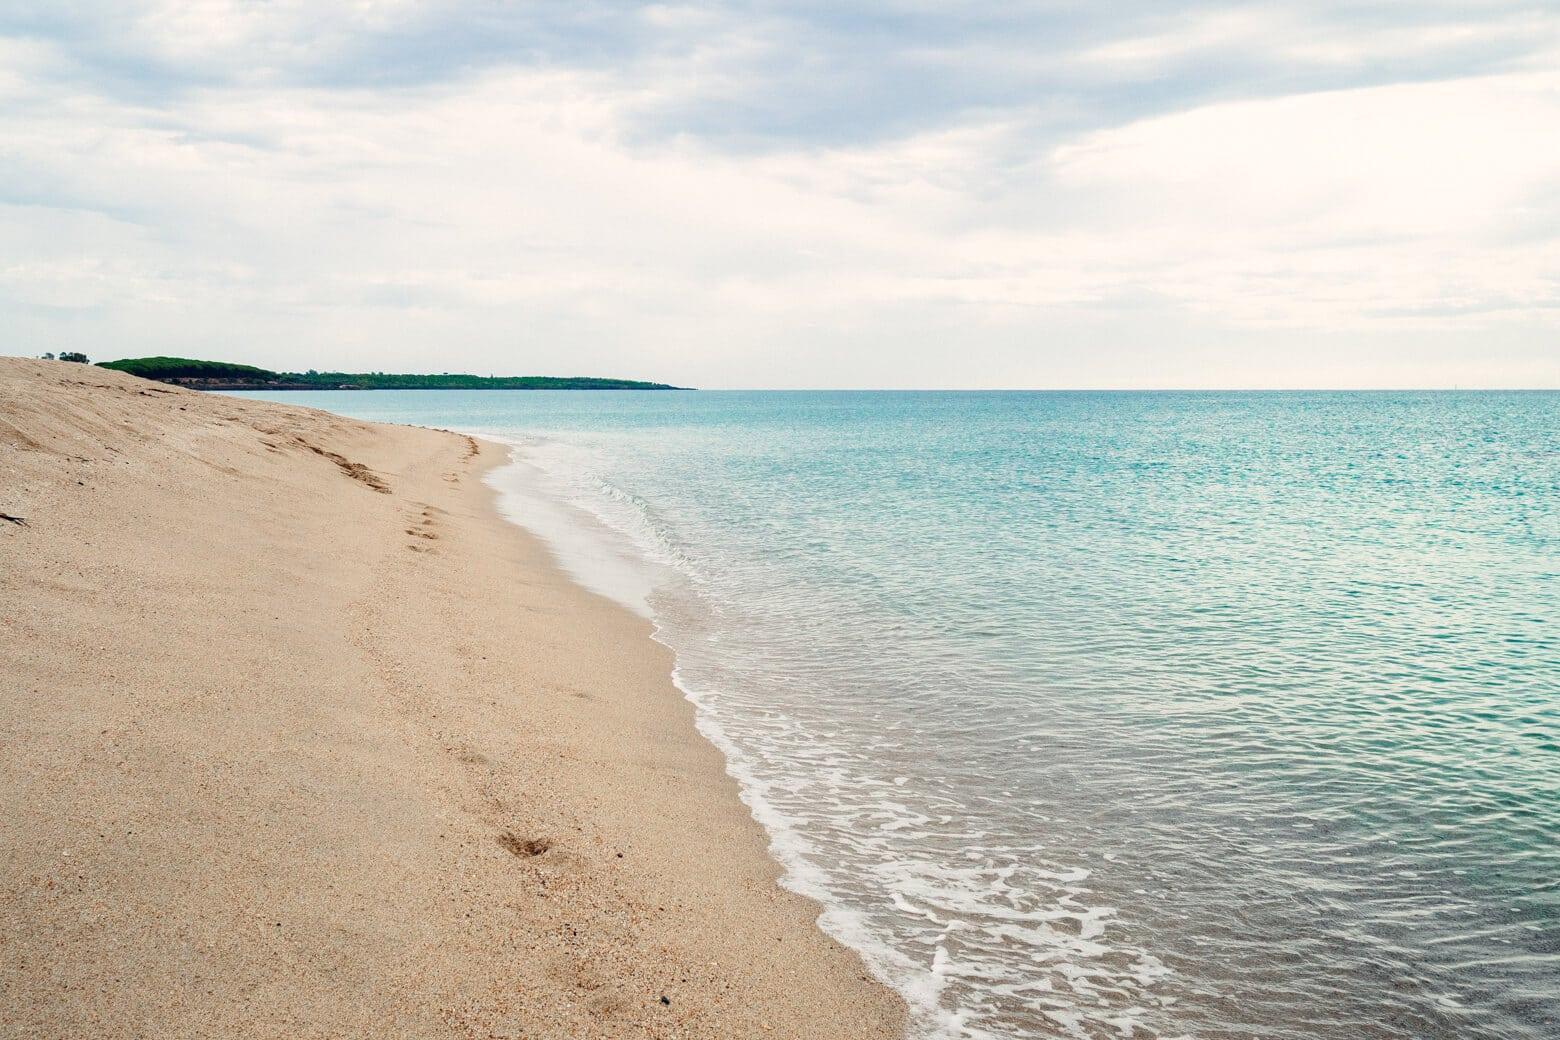 The Orosei Gulf in Sardinia